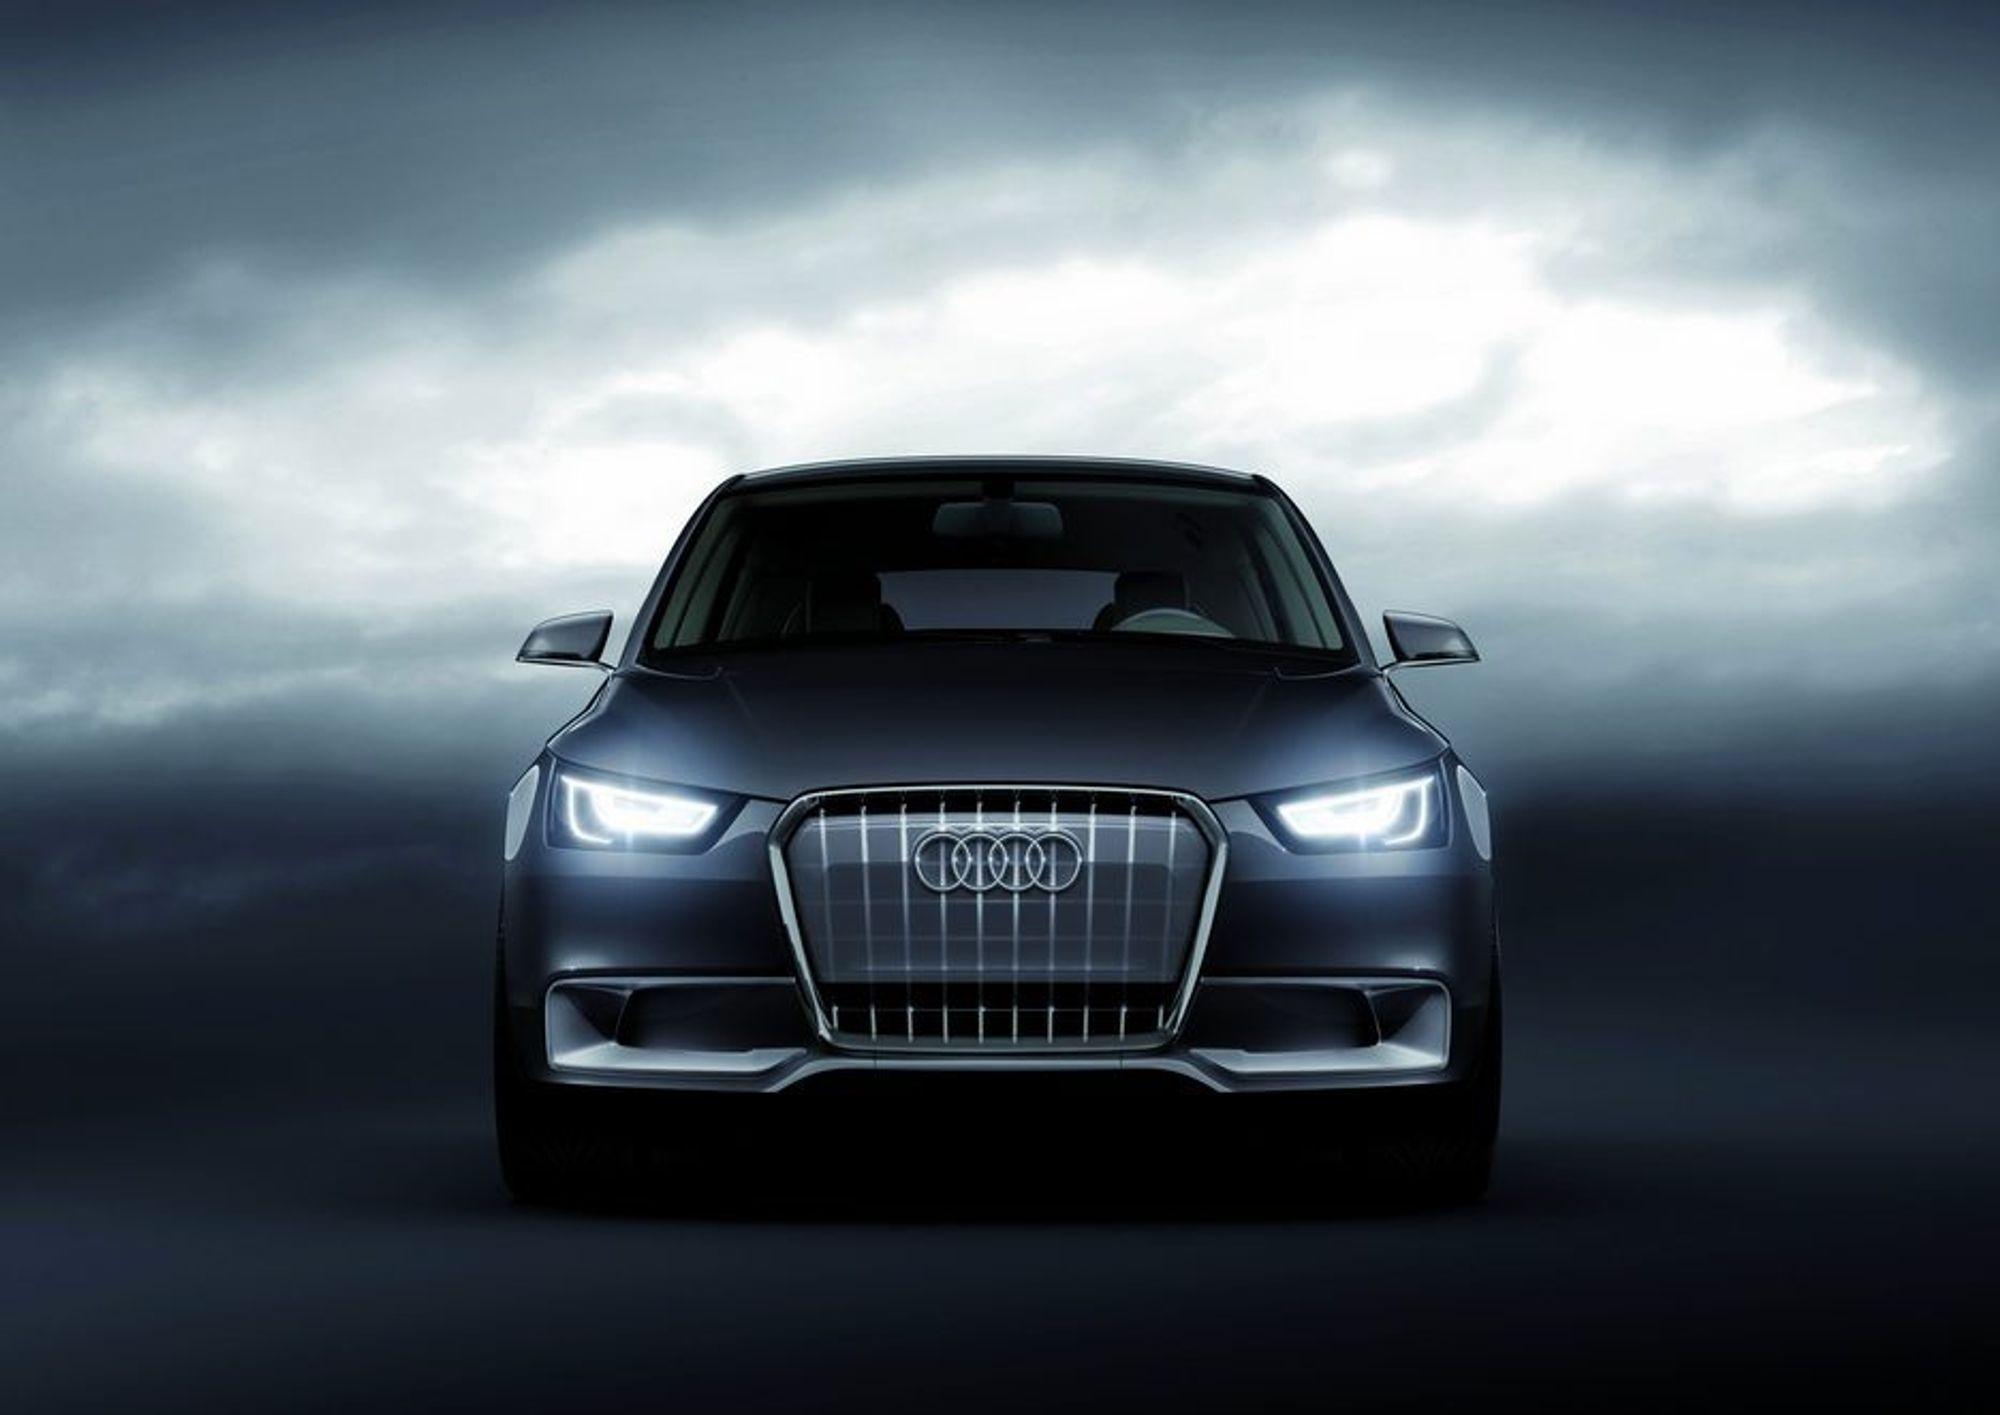 LYSENDE RESULTATER: Audis mangeårige satsing på LED-teknologi begynner å gi kreative resultater.